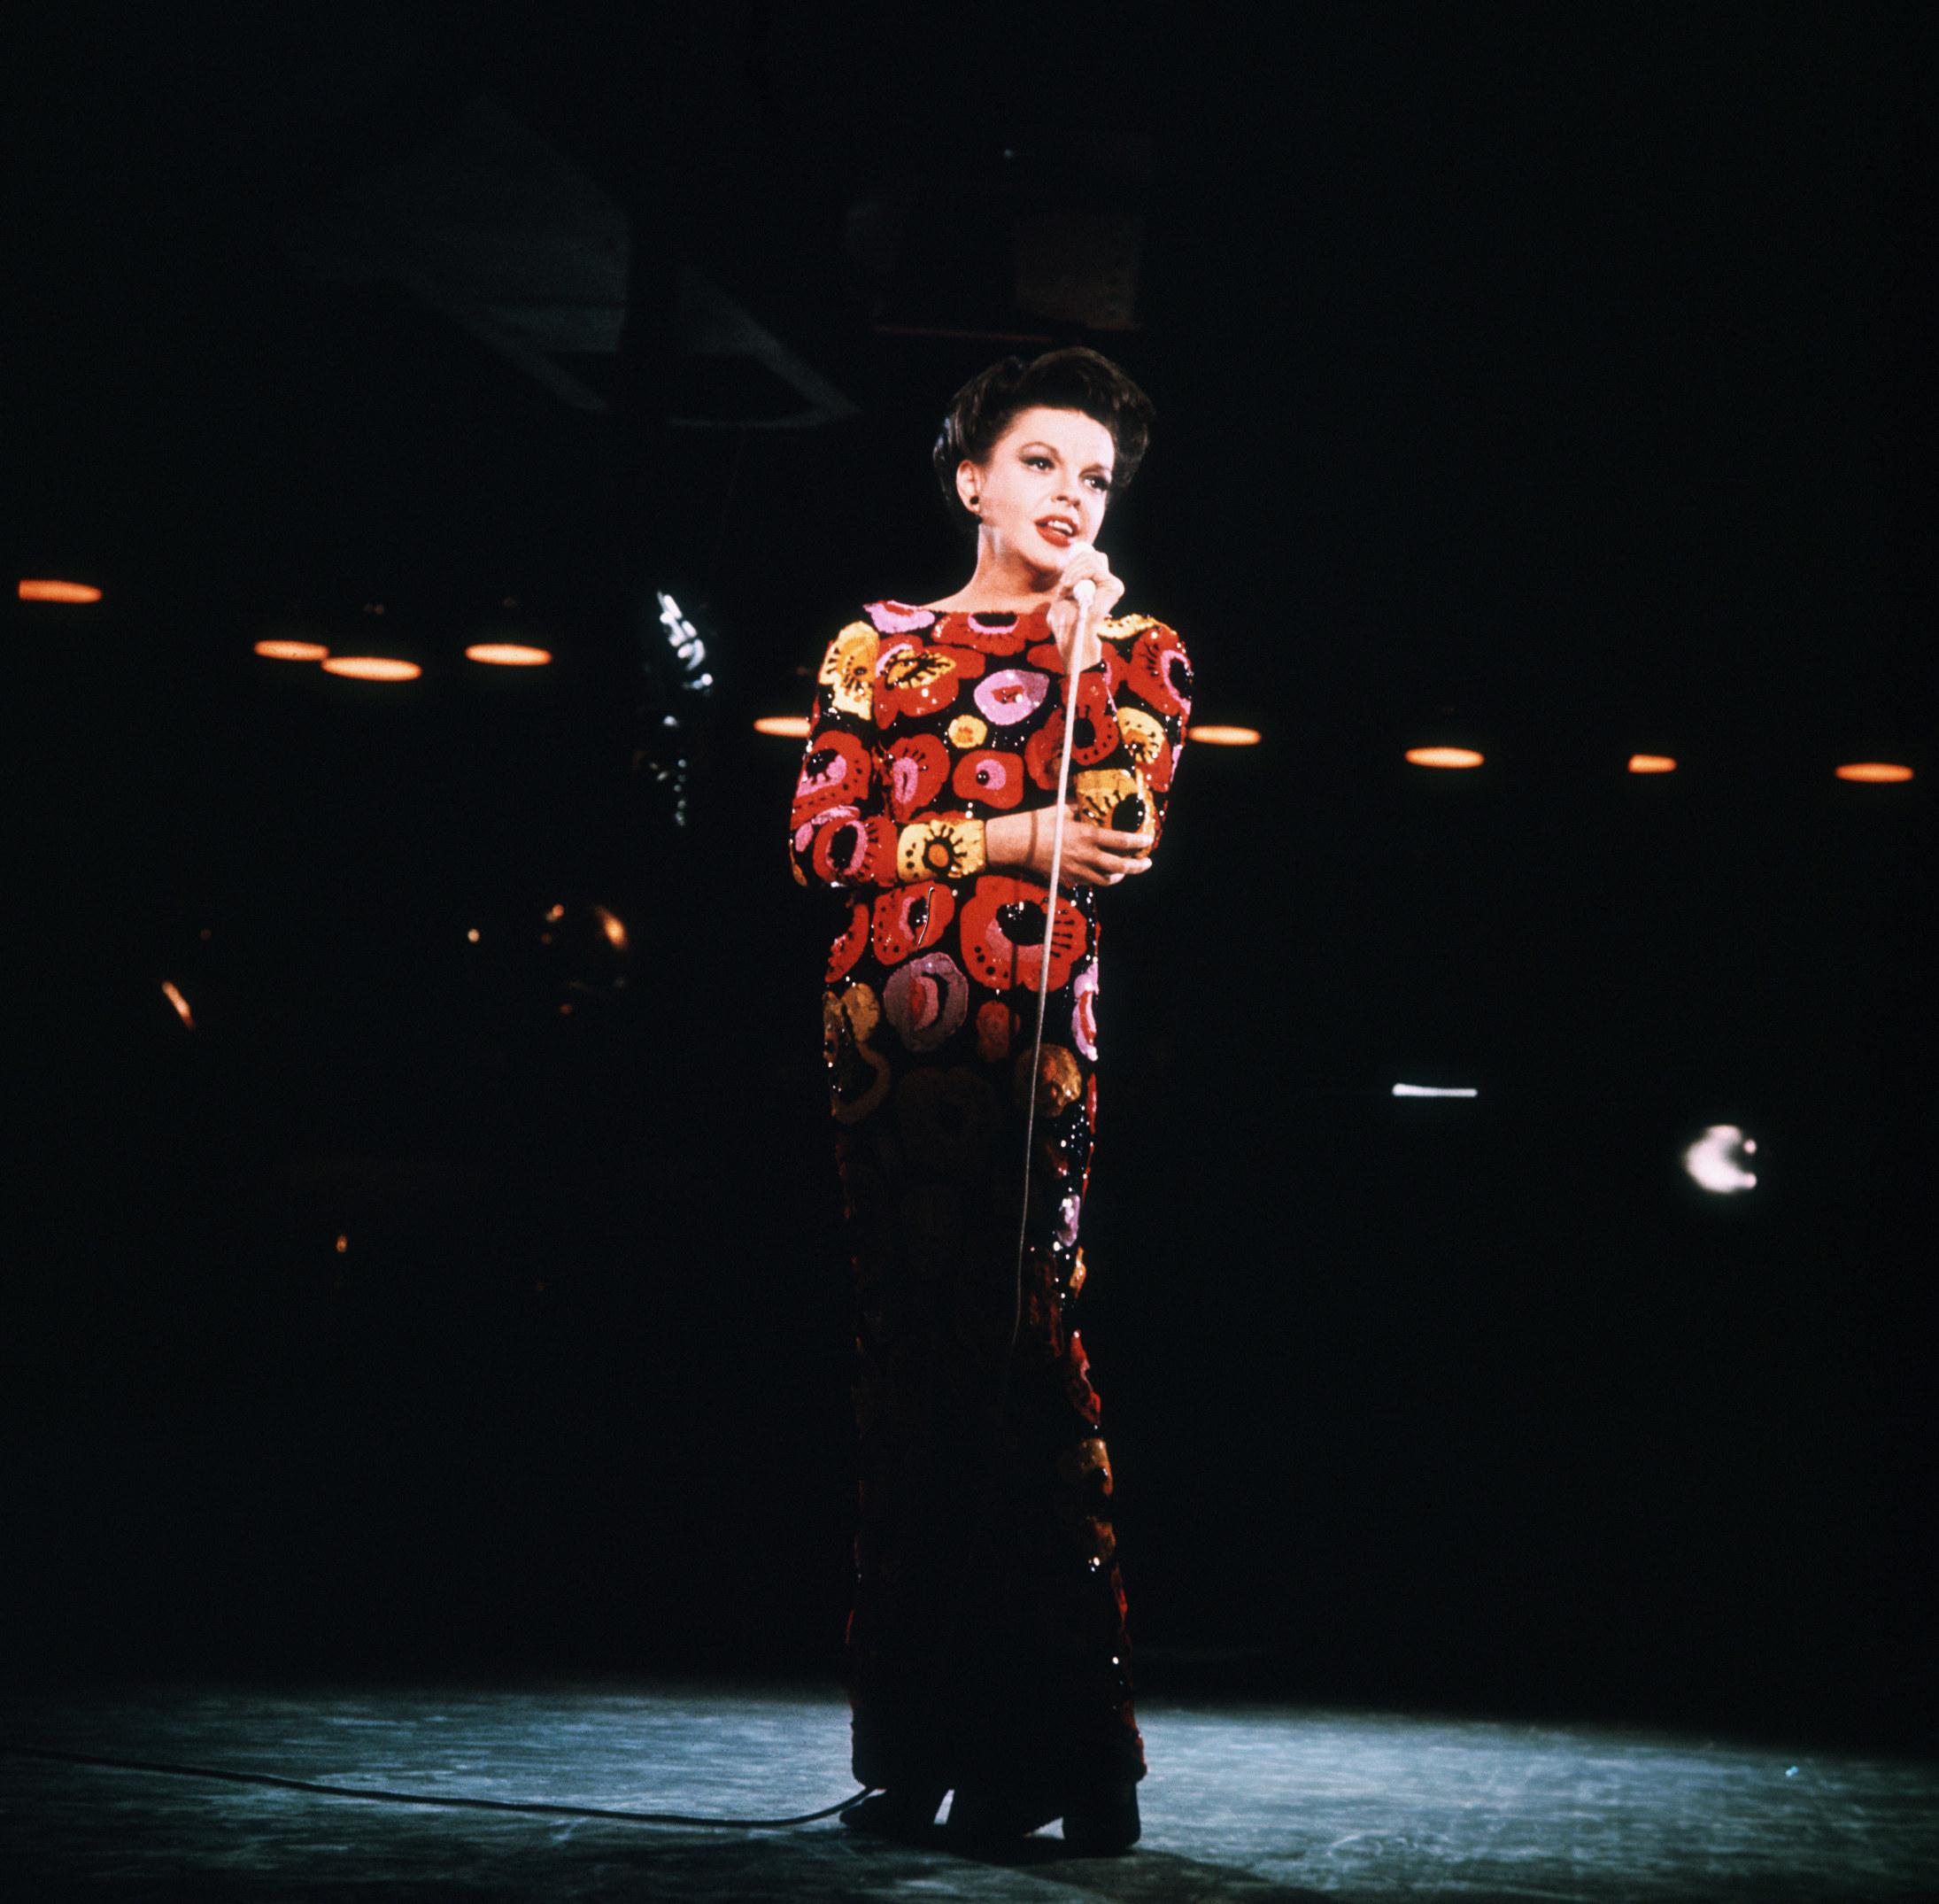 Judy Garland in a long sleeve dress